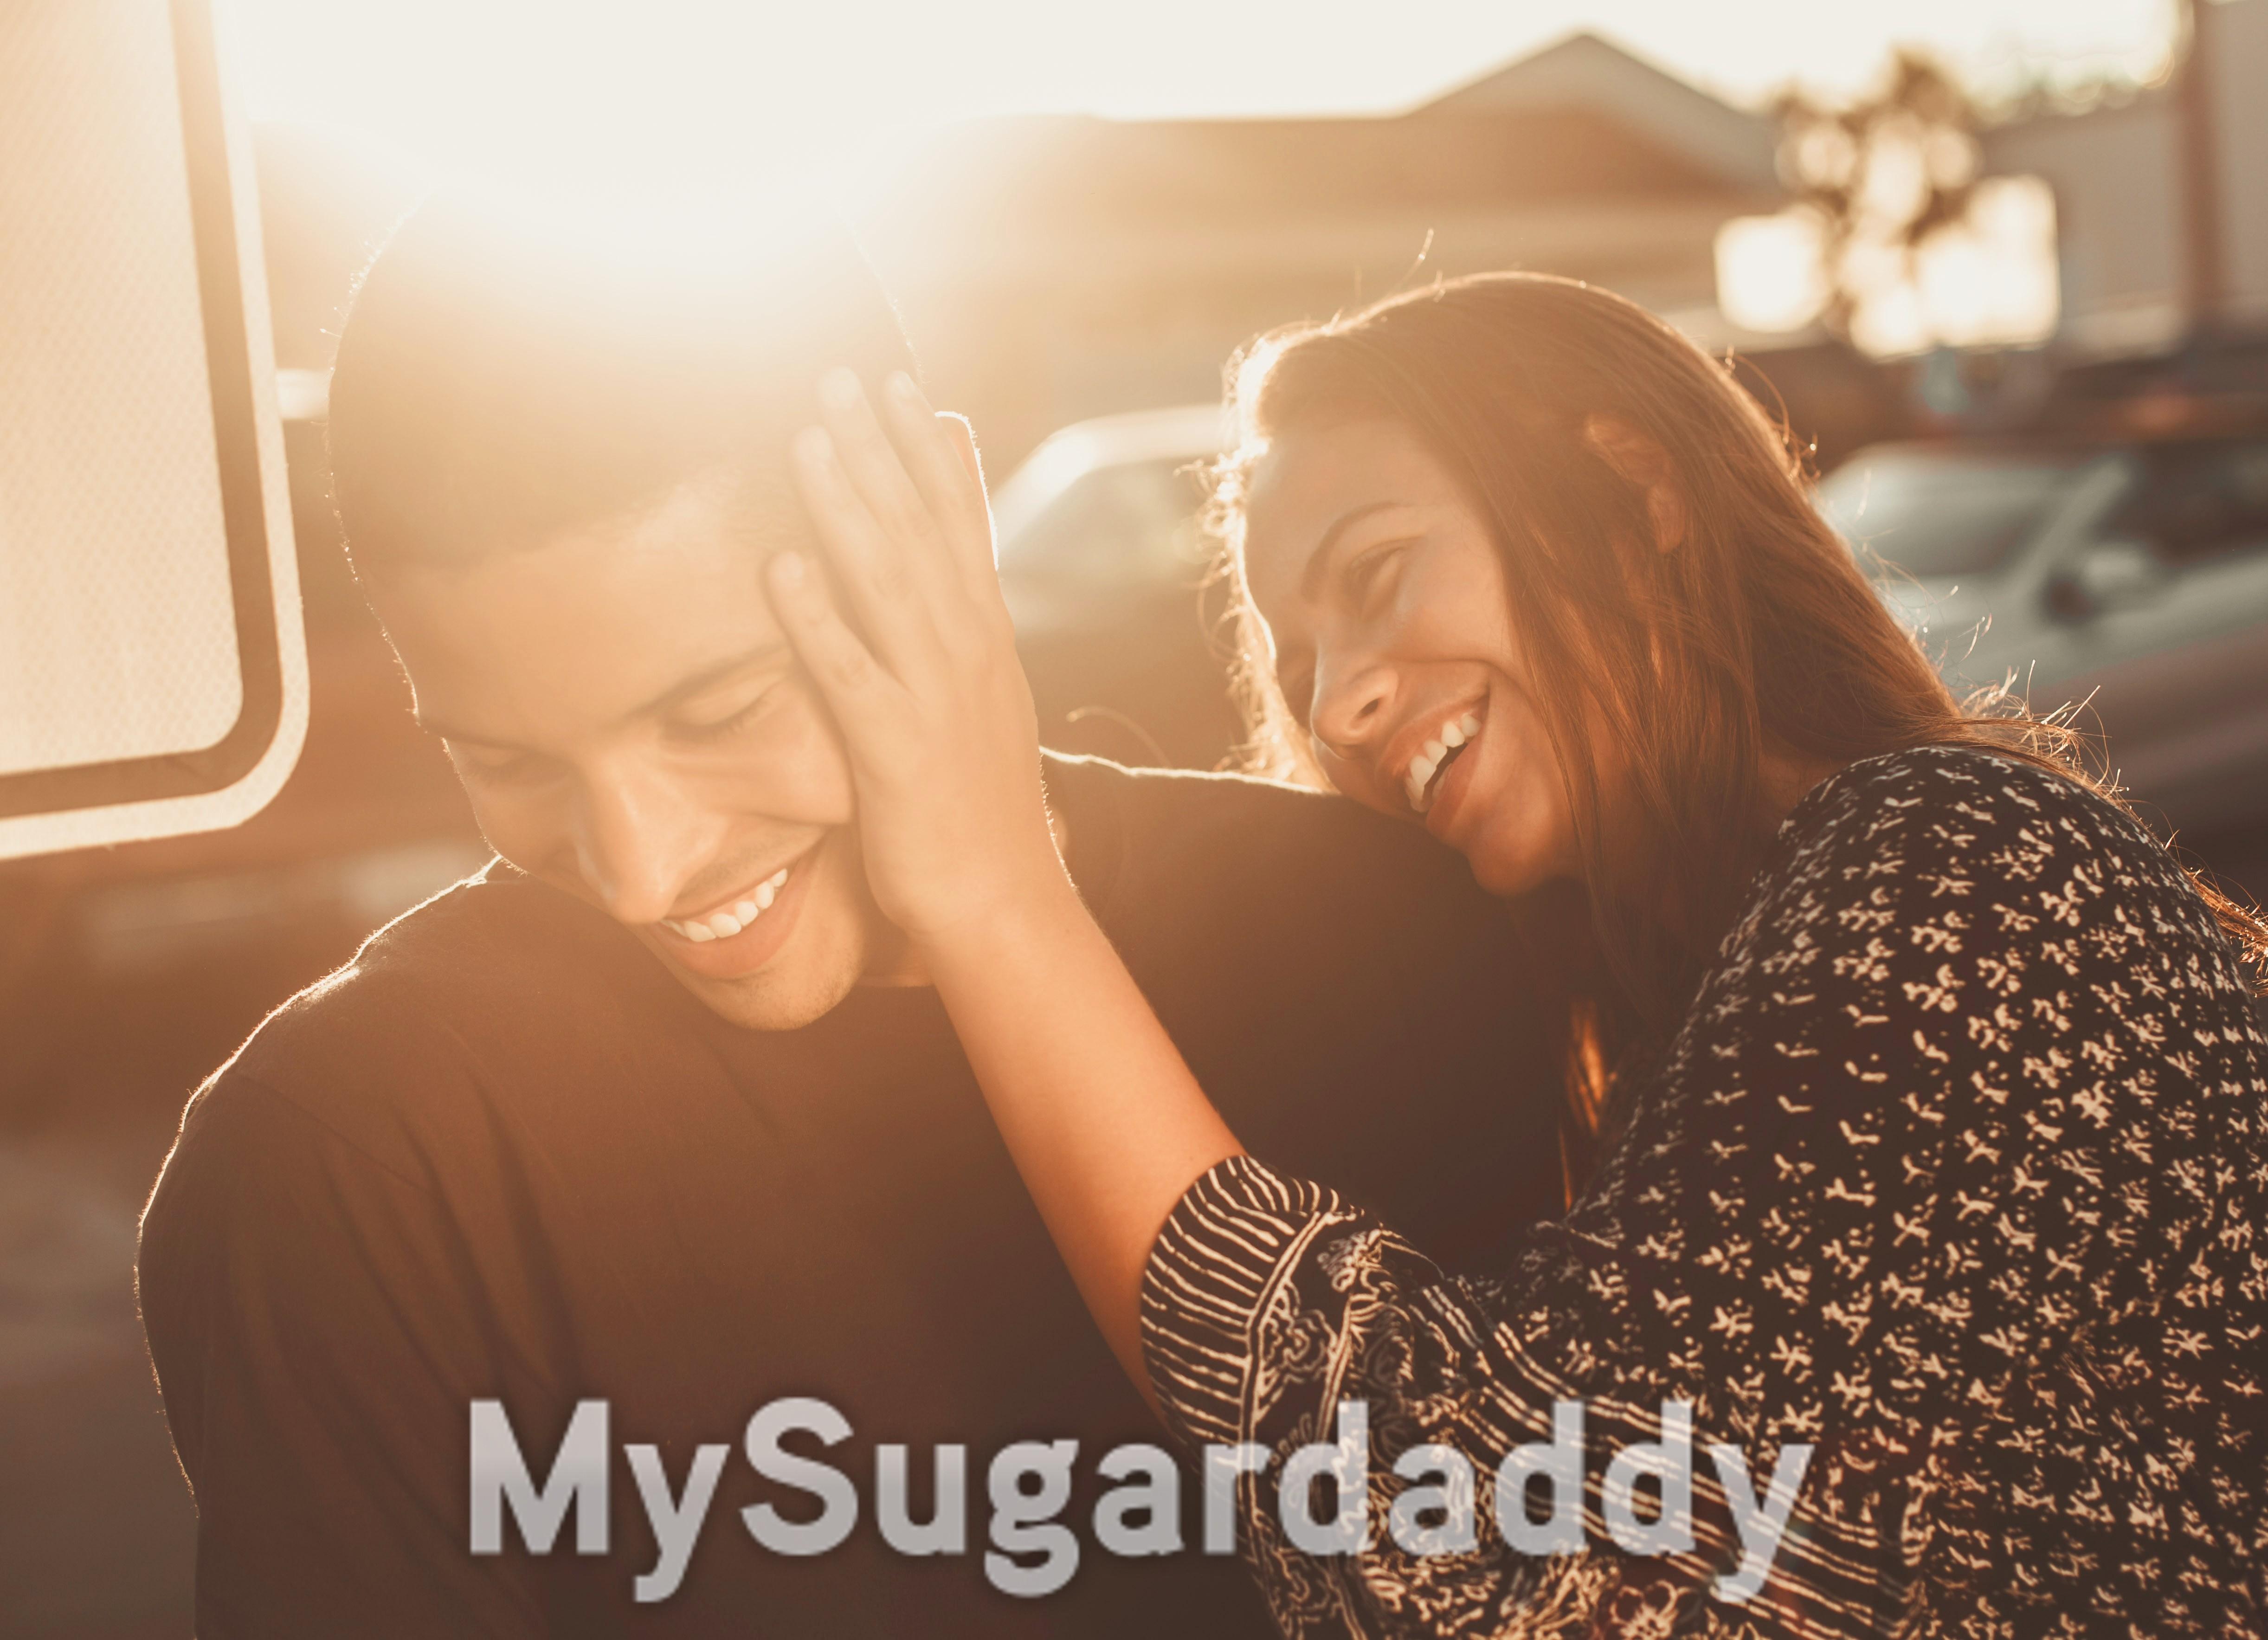 Tipps für eine lange und glückliche Beziehung